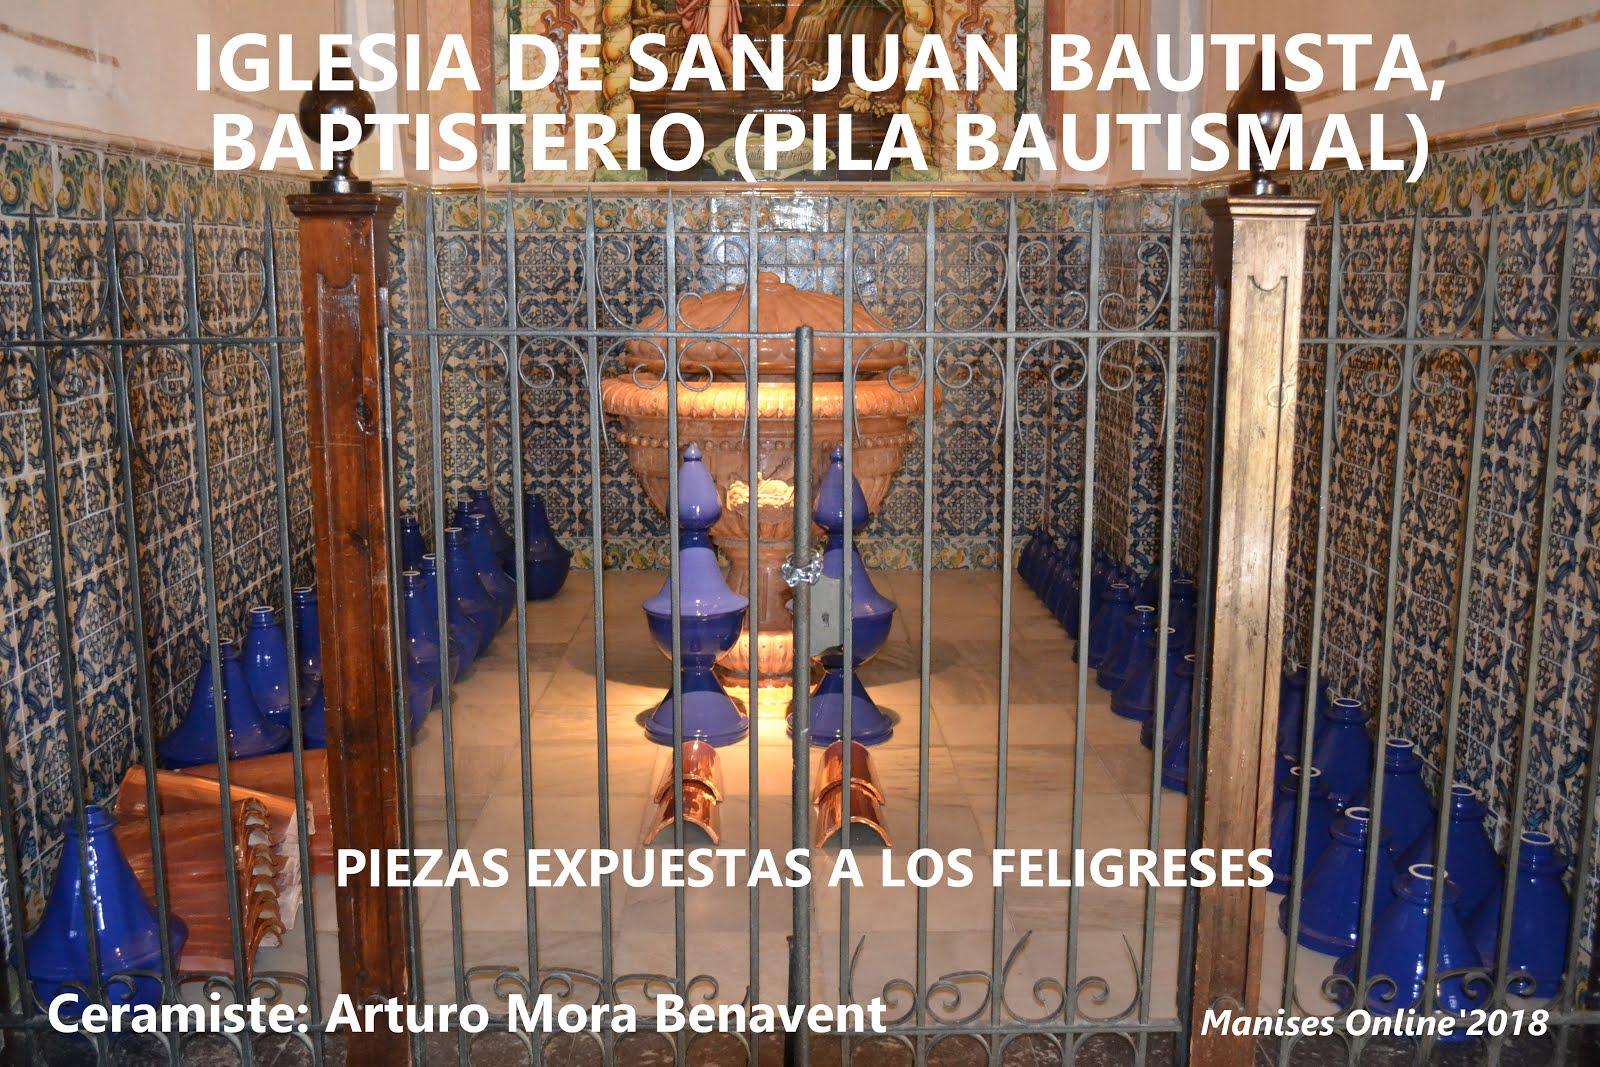 29.03.18 CONTINÚAN LAS OBRAS DE RESTAURACIÓN EN LA PARROQUIA DE SAN JUAN BAUTISTA DE MANISES